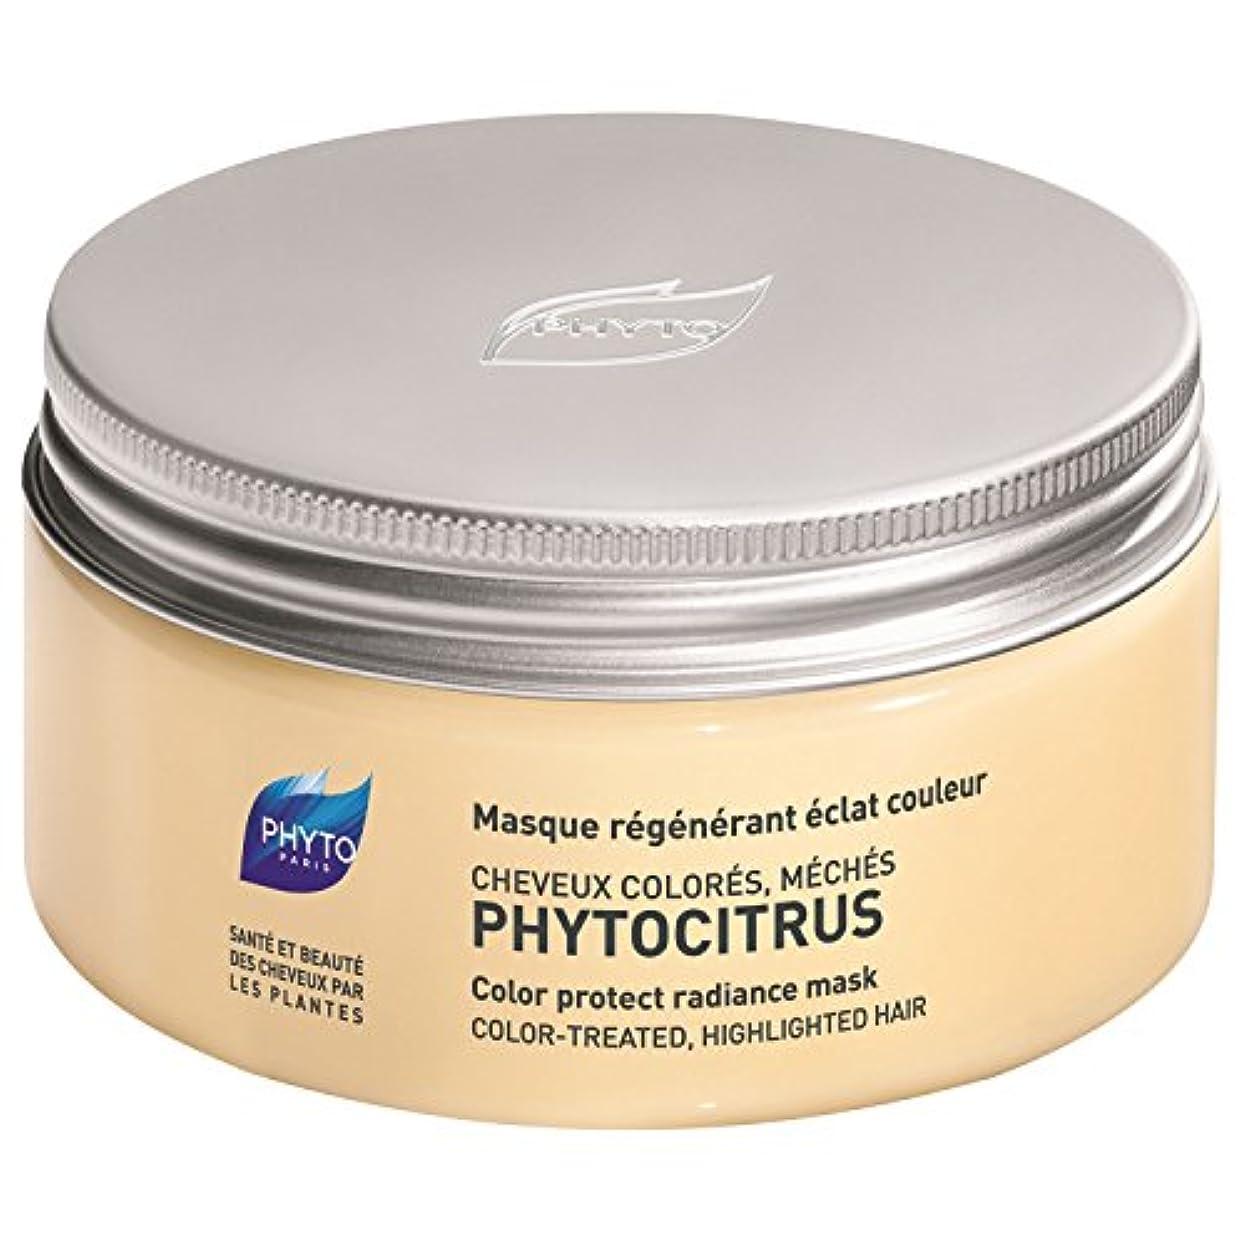 不健康アニメーション該当するフィトPhytocitrus色保護放射輝度マスク200ミリリットル (Phyto) - Phyto Phytocitrus Colour Protect Radiance Mask 200ml [並行輸入品]